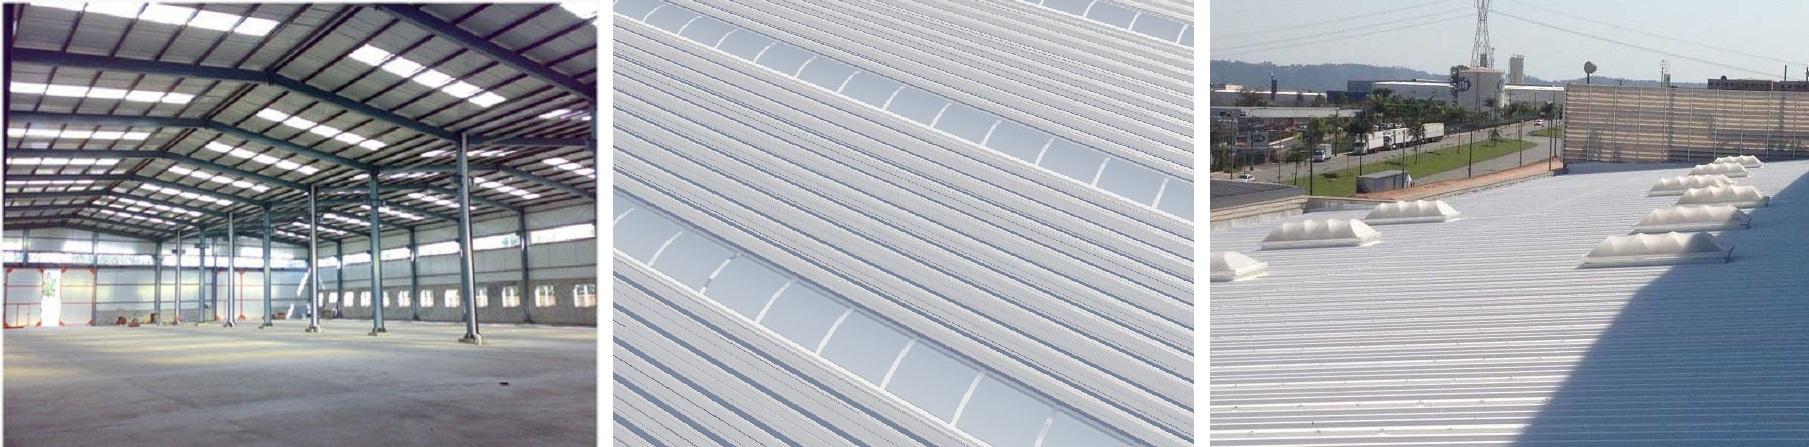 Claraboia e telhas translucidas